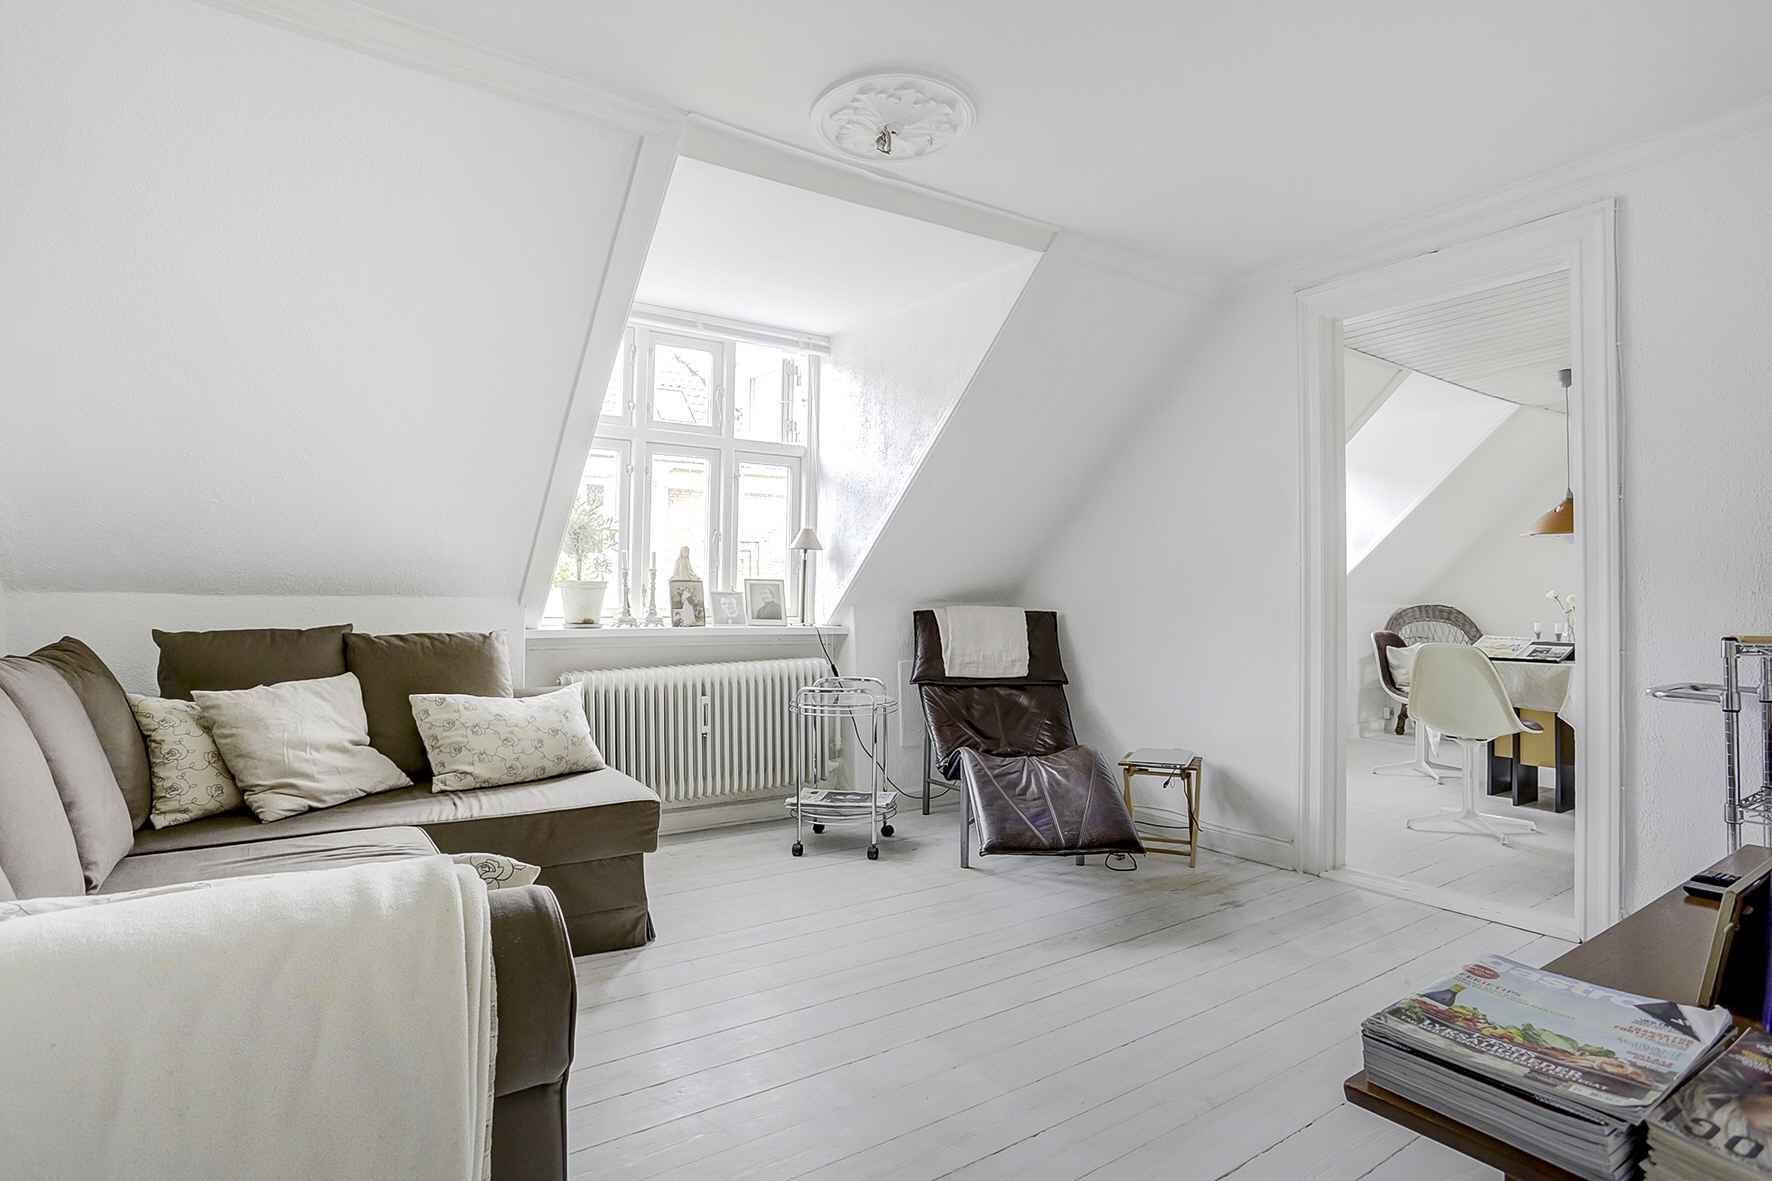 Marstrandsgade 36, 4, 8000 Aarhus C